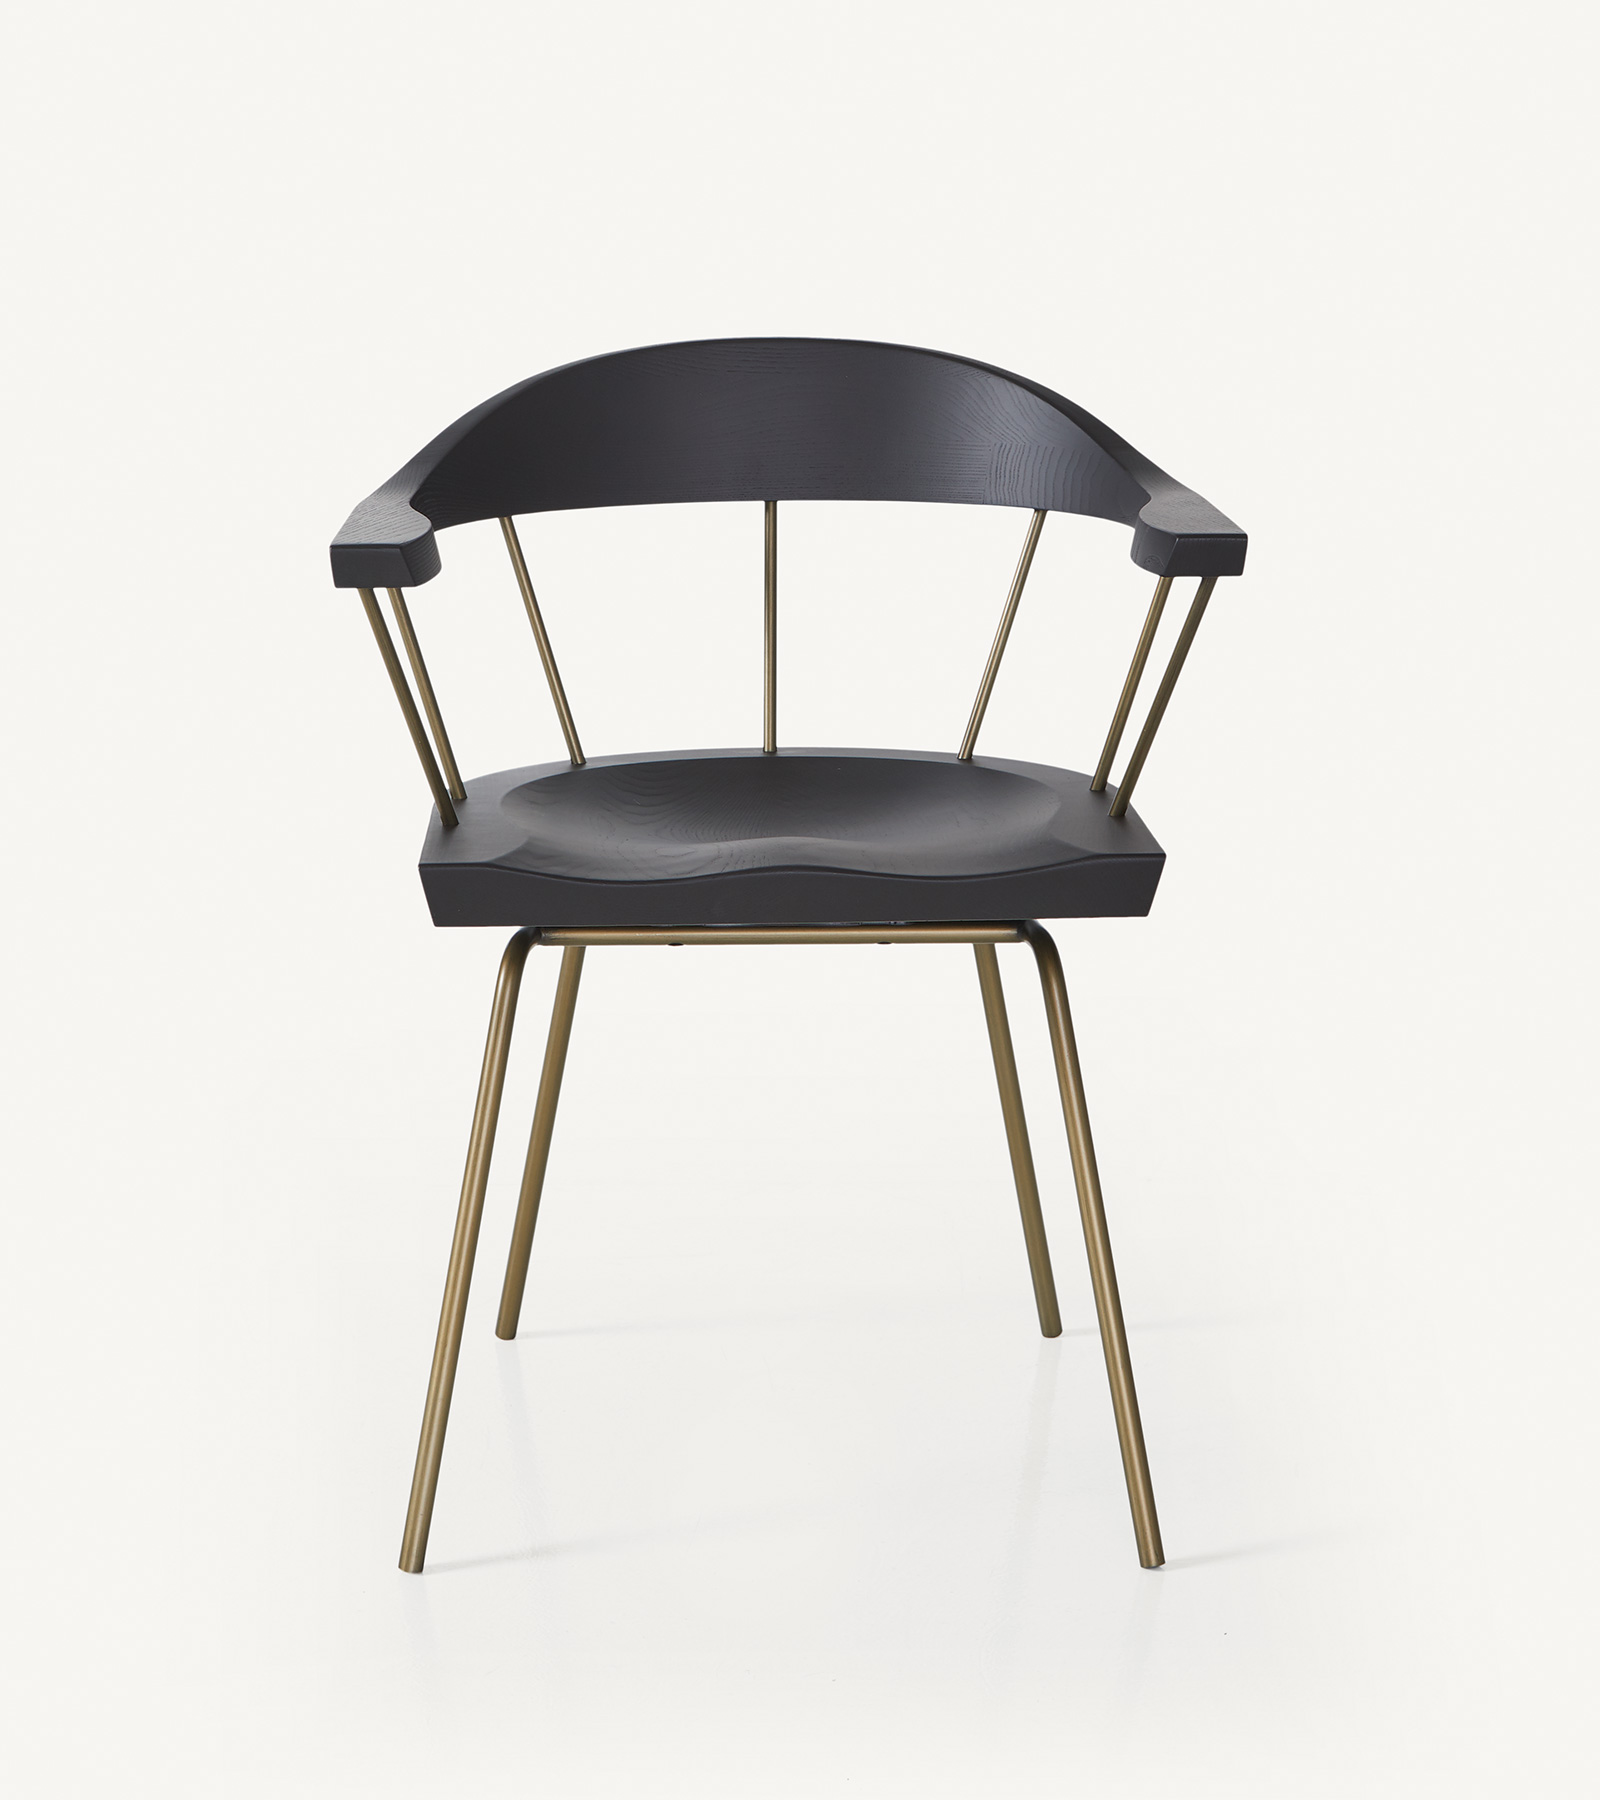 TinnappleMetz-bassamfellows-Spindle-Side-Chair-03